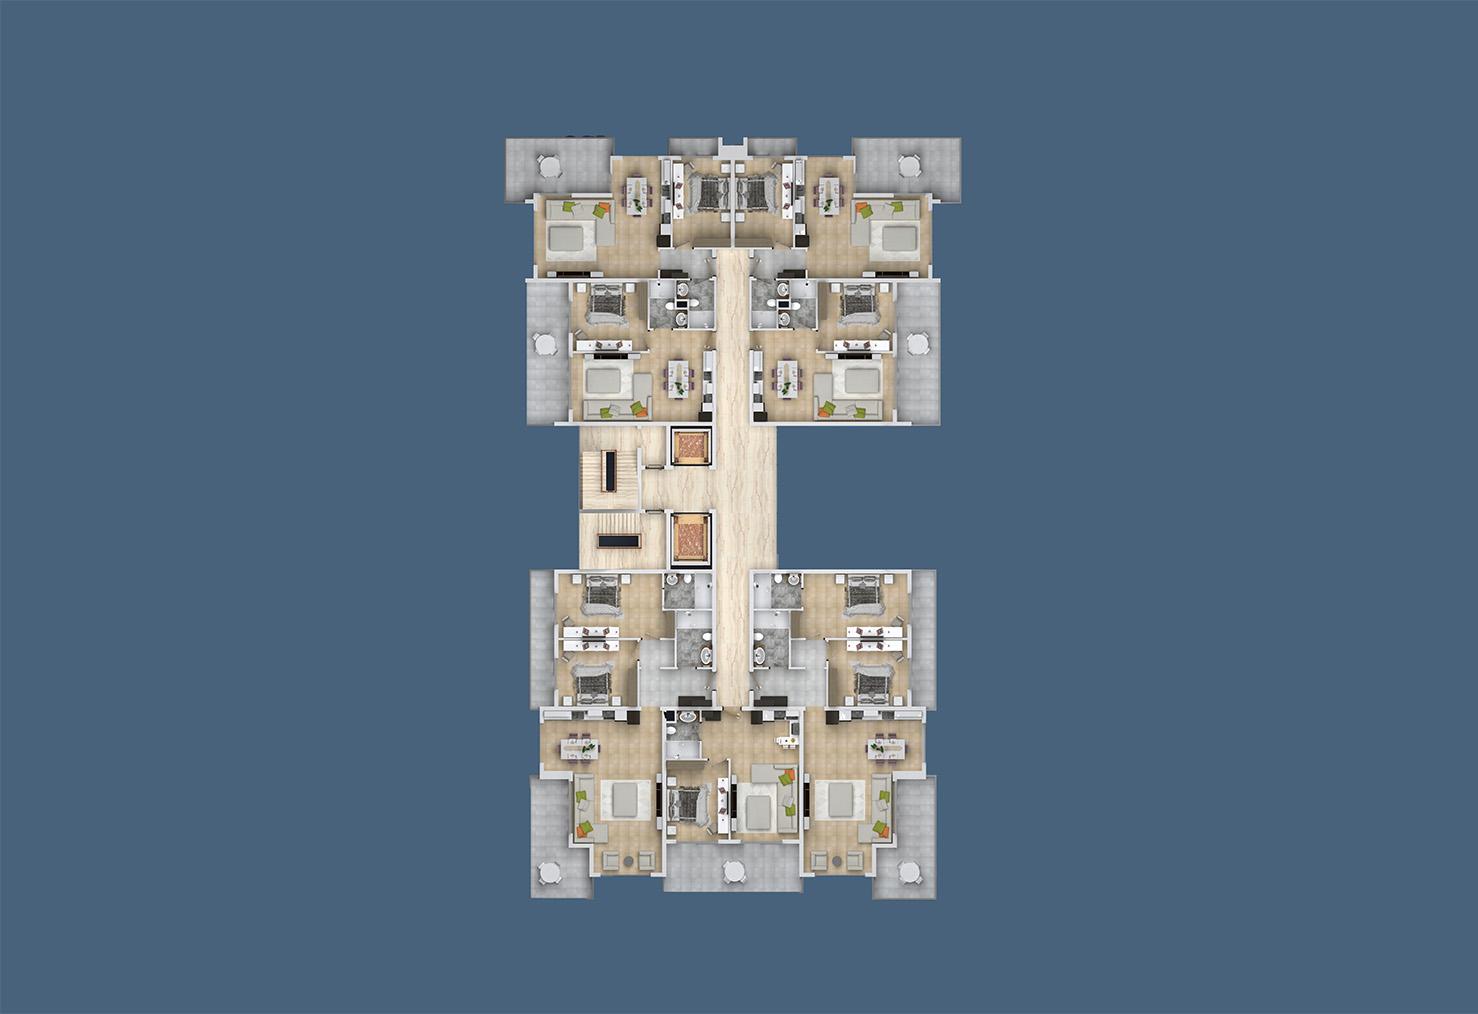 План расположения квартир 7 этаж D Yekta Kingdom Trade Center